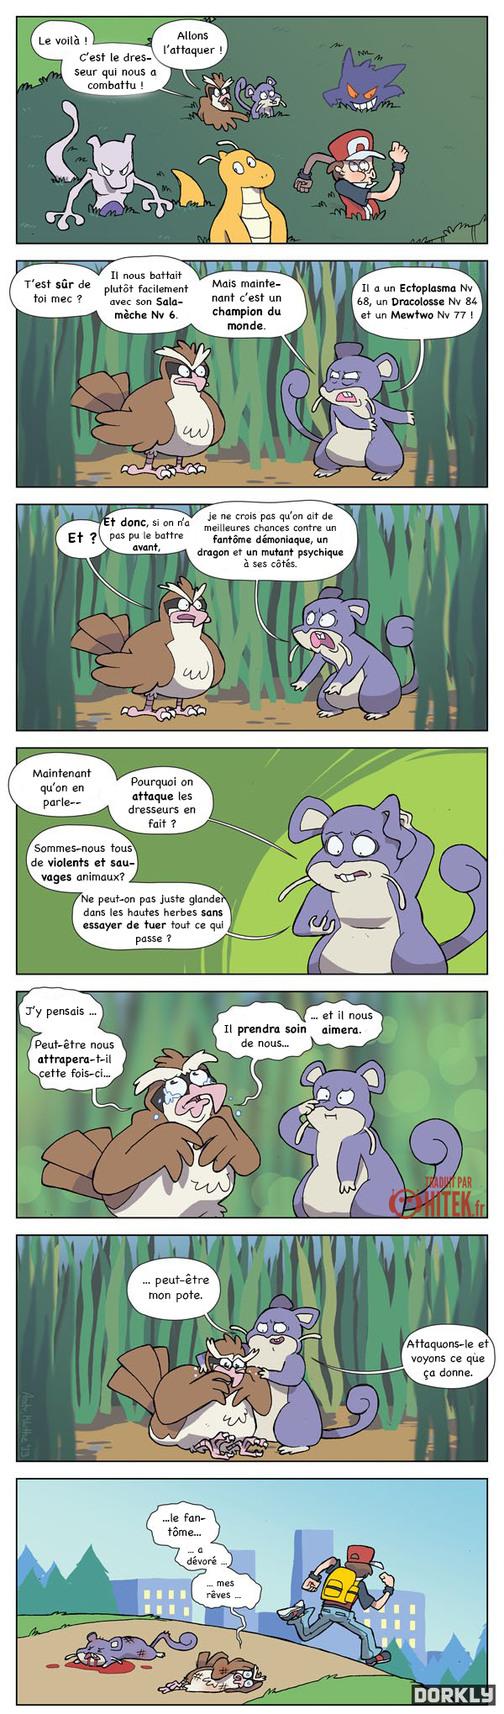 Pourquoi les pokemon sauvages nous attaquent-ils ? - meme